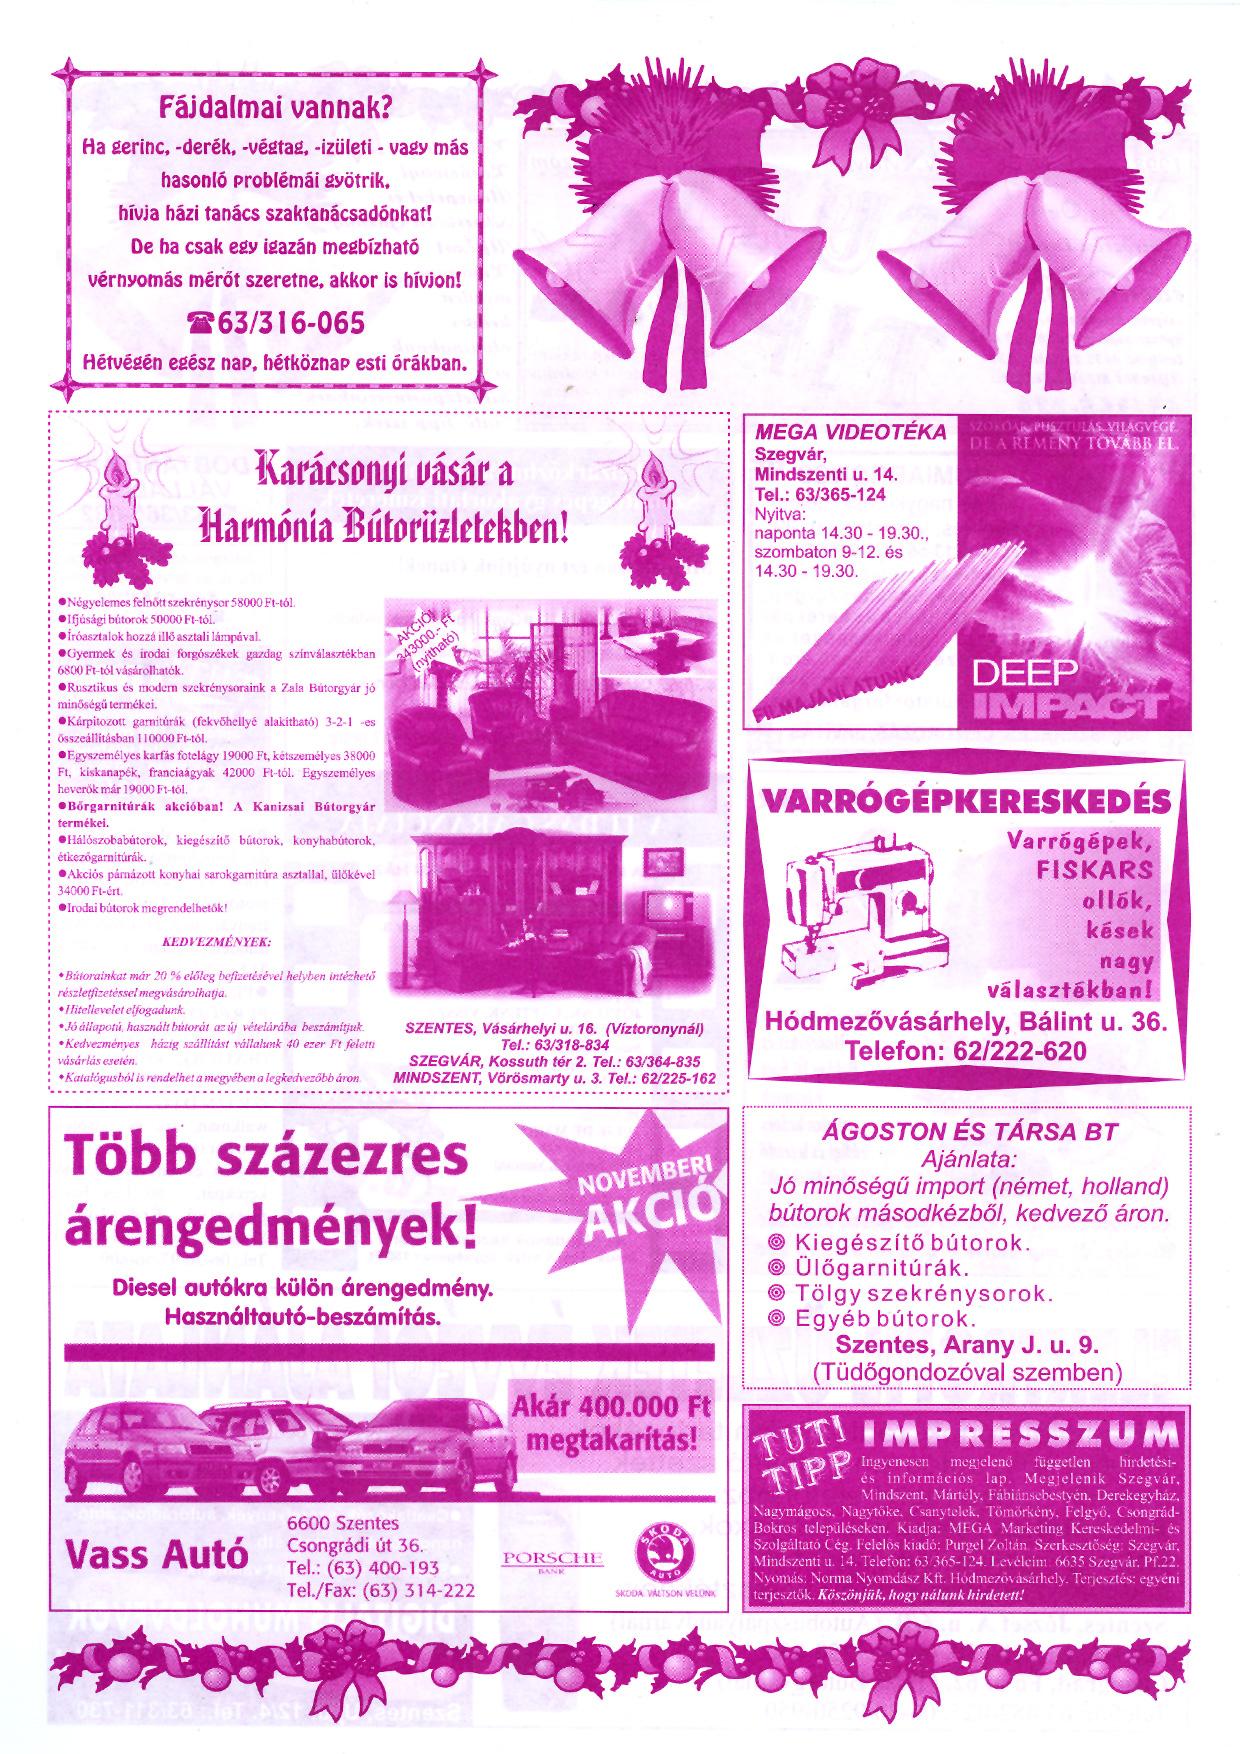 064 Tuti Tipp reklámújság - 19981220-101+011. lapszám - 2.oldal - IV. évfolyam.jpg